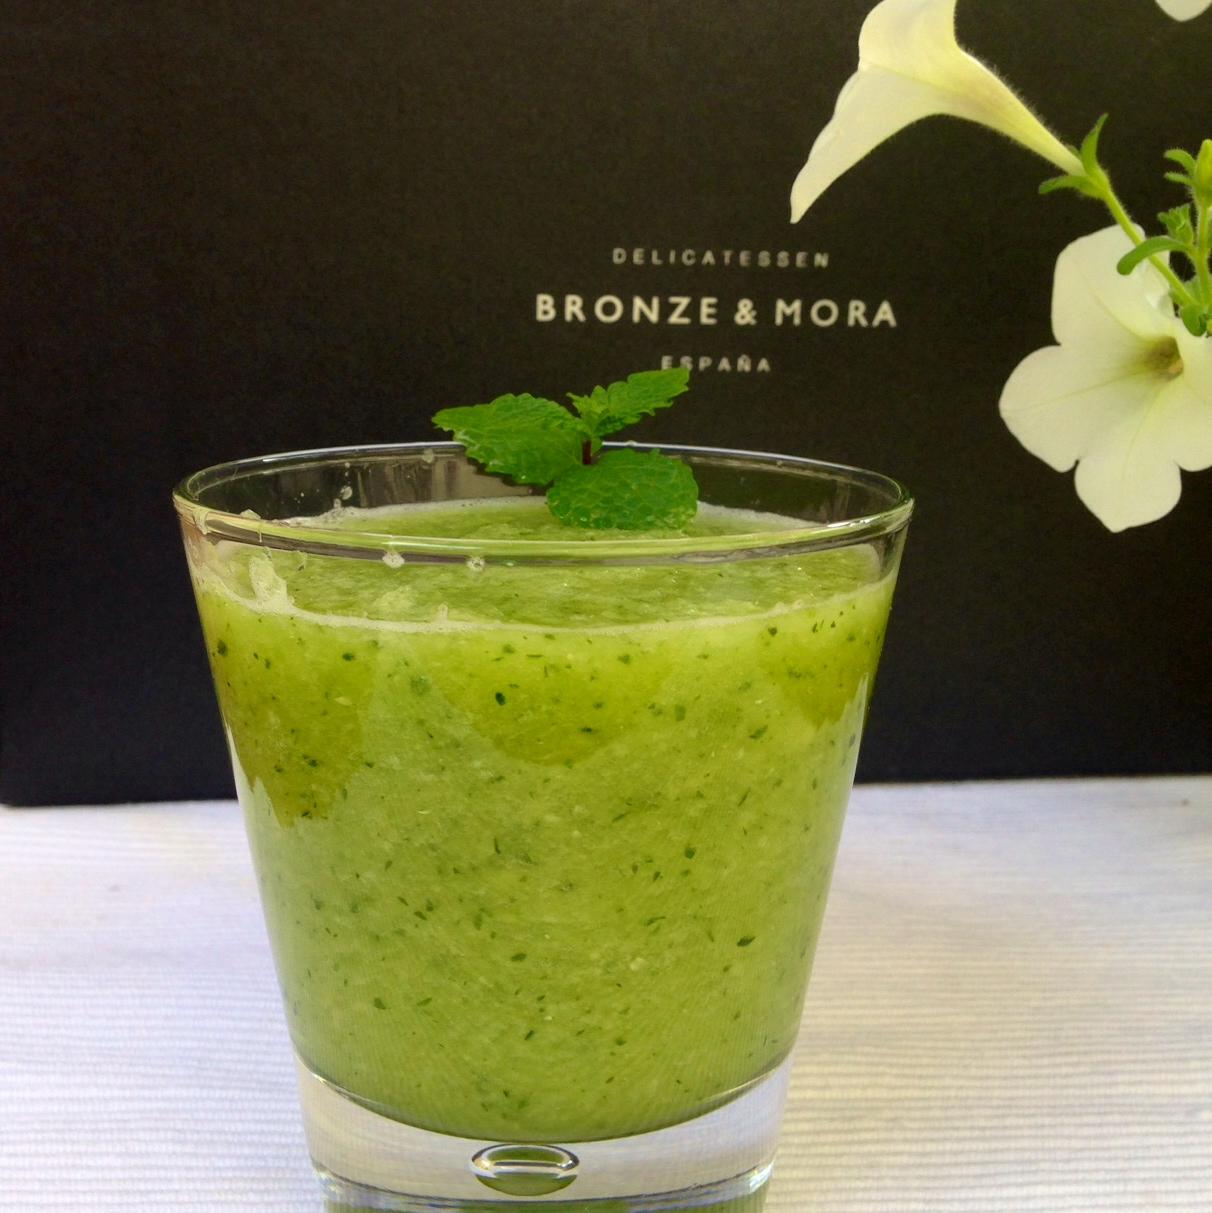 Desayunos-sanos-zumos-detox-con-tostada-y-aove-Bronze-&-Mora-aceite-de-oliva-virgen-extra-ideal-para-regalar---regalos-de-empresa-dieta-sana-healthyfood-oliveoil